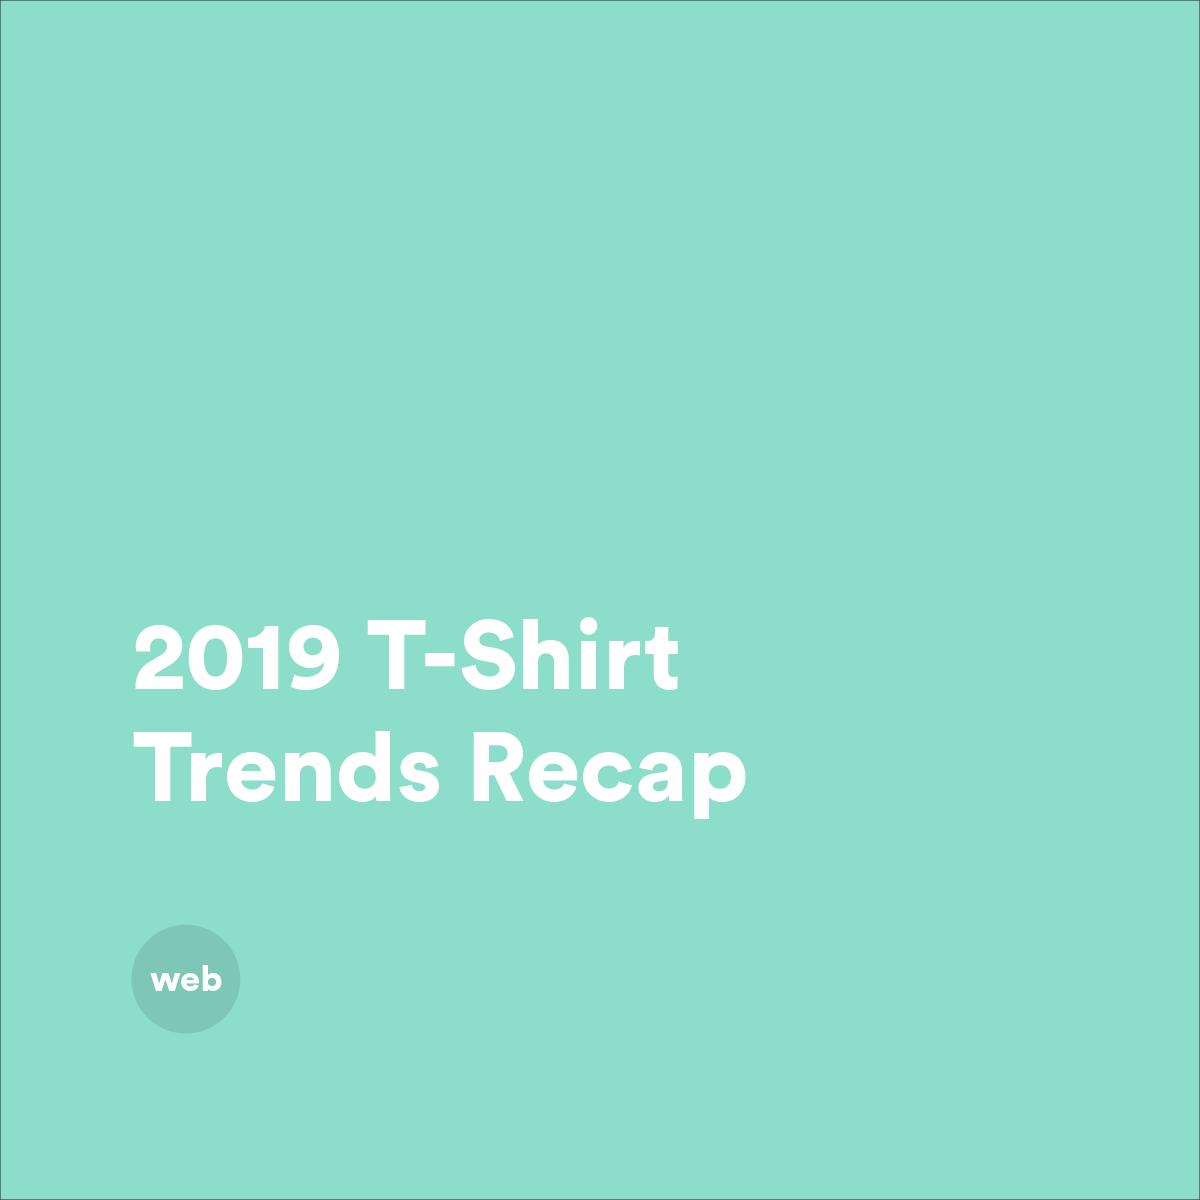 Pillar: 2019 T-Shirt Recap